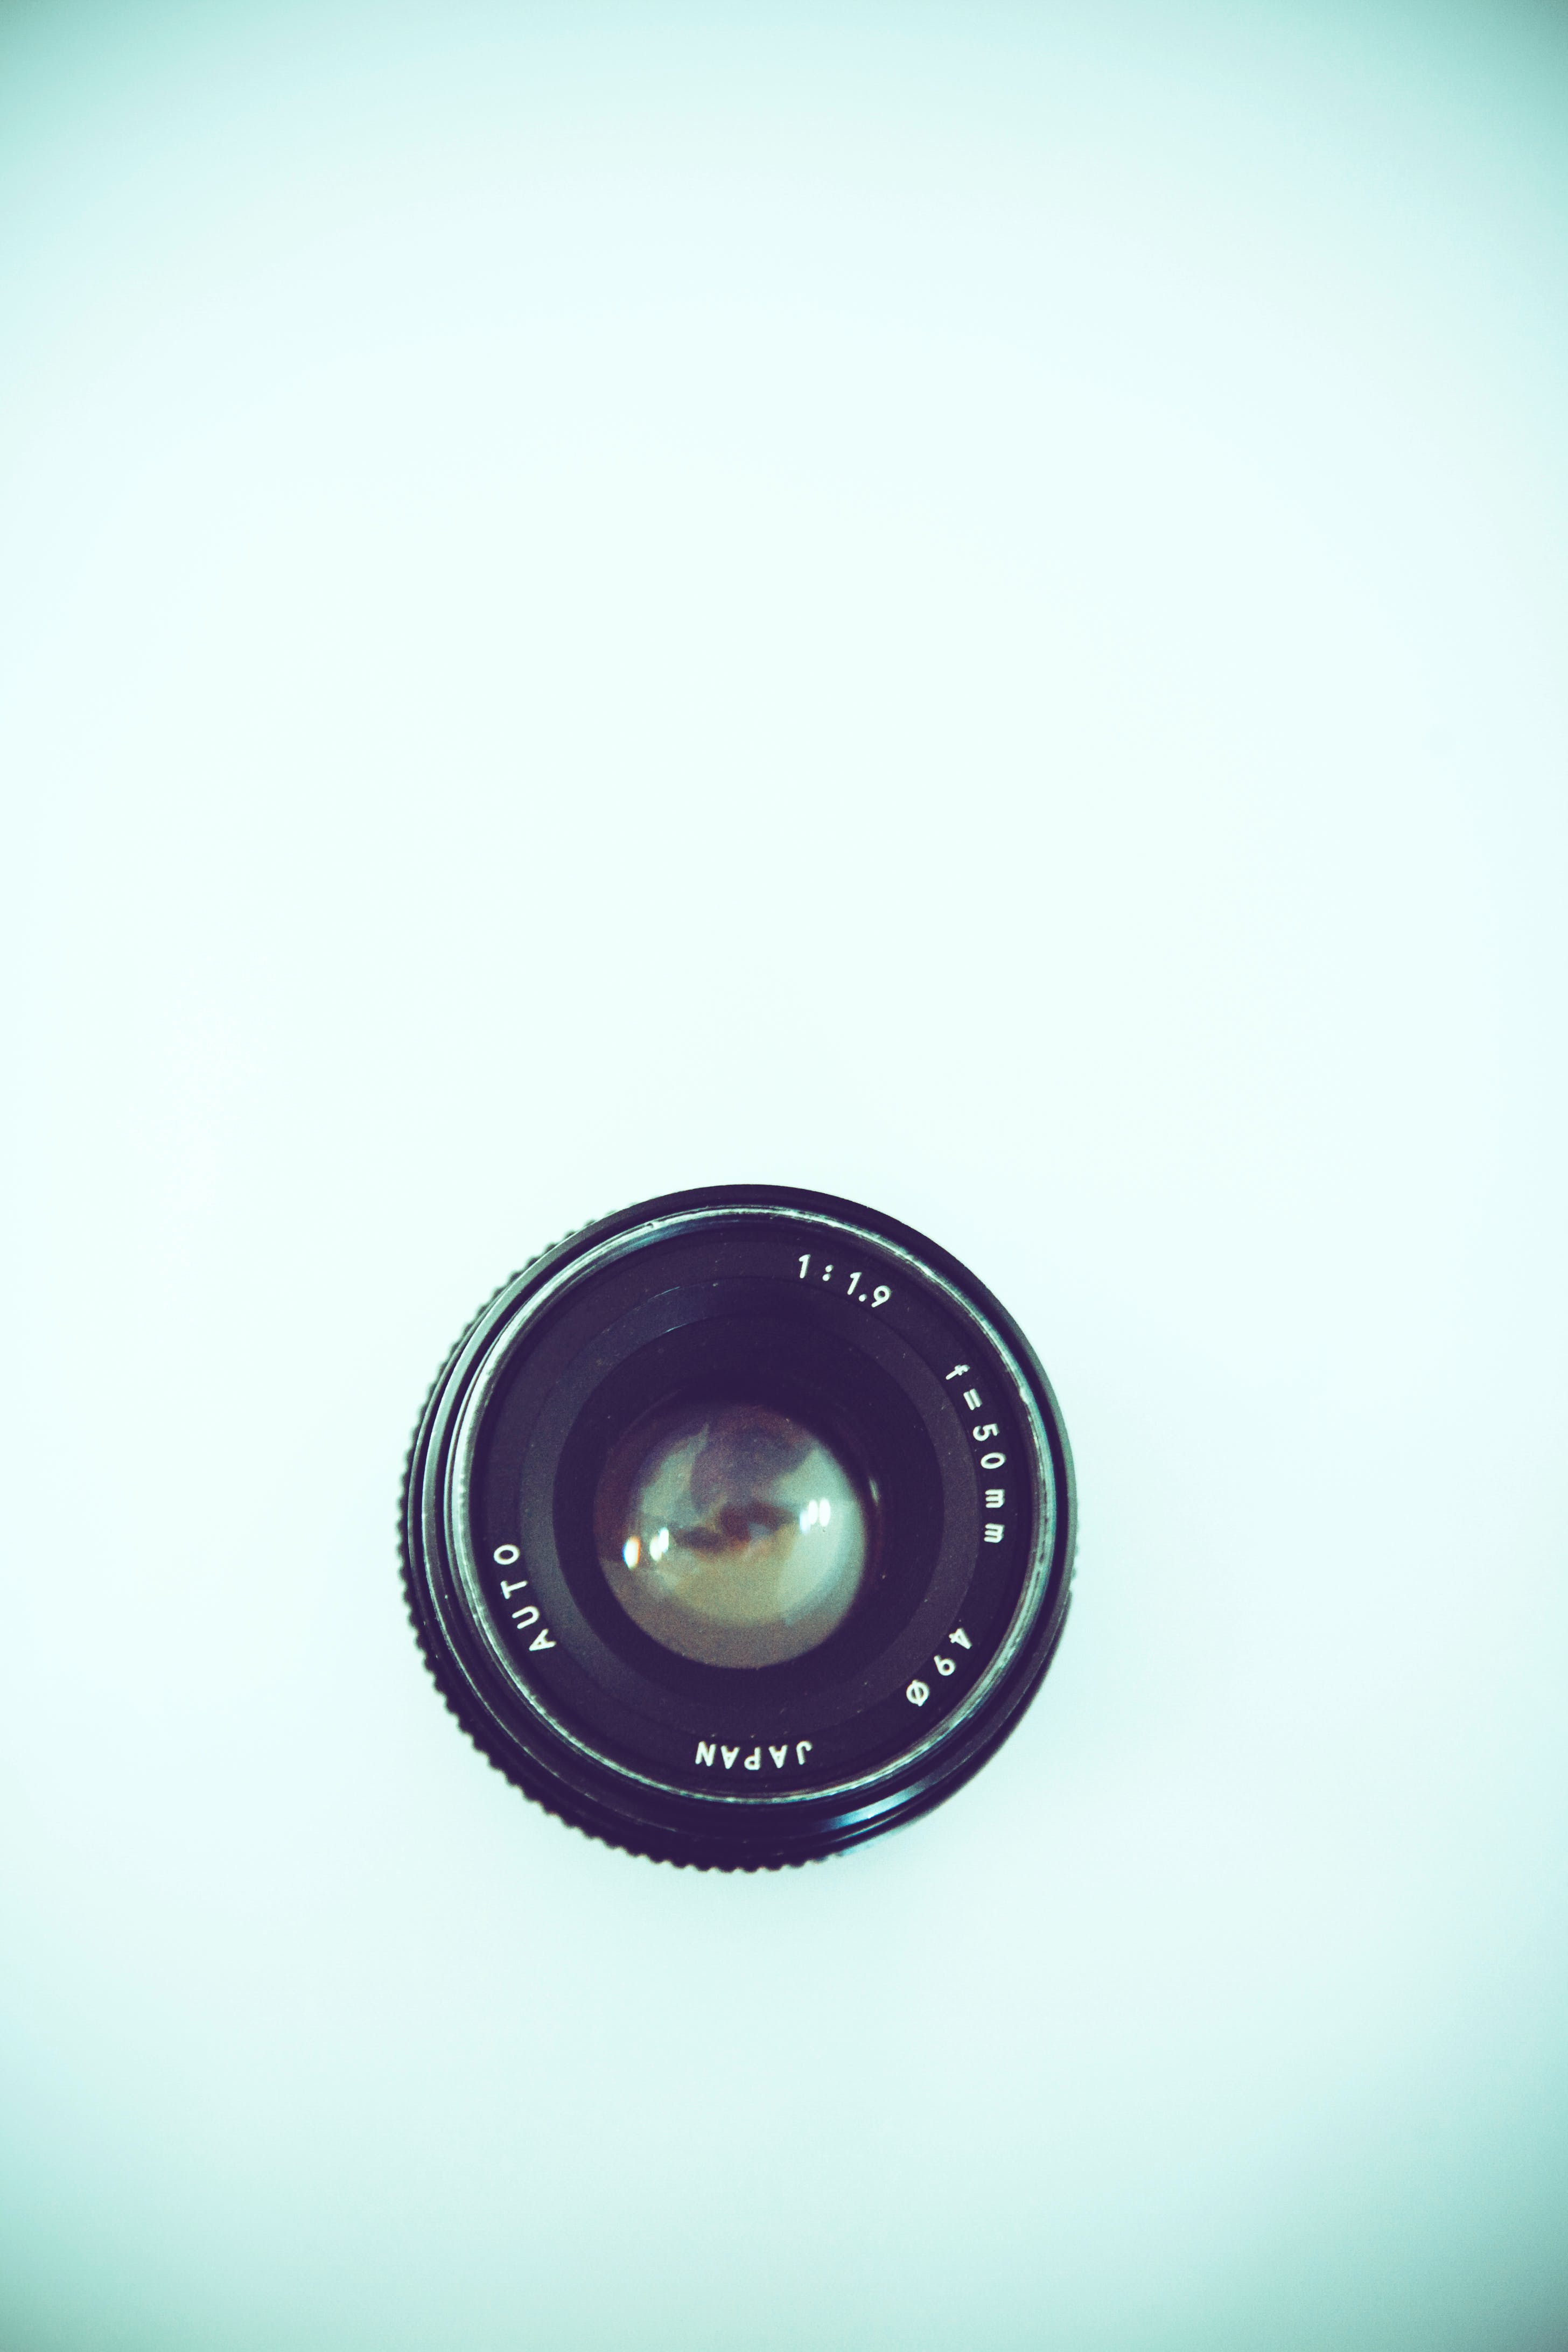 Imagine de stoc gratuită din fotografie, lentilă, lentilă aparat de fotografiat